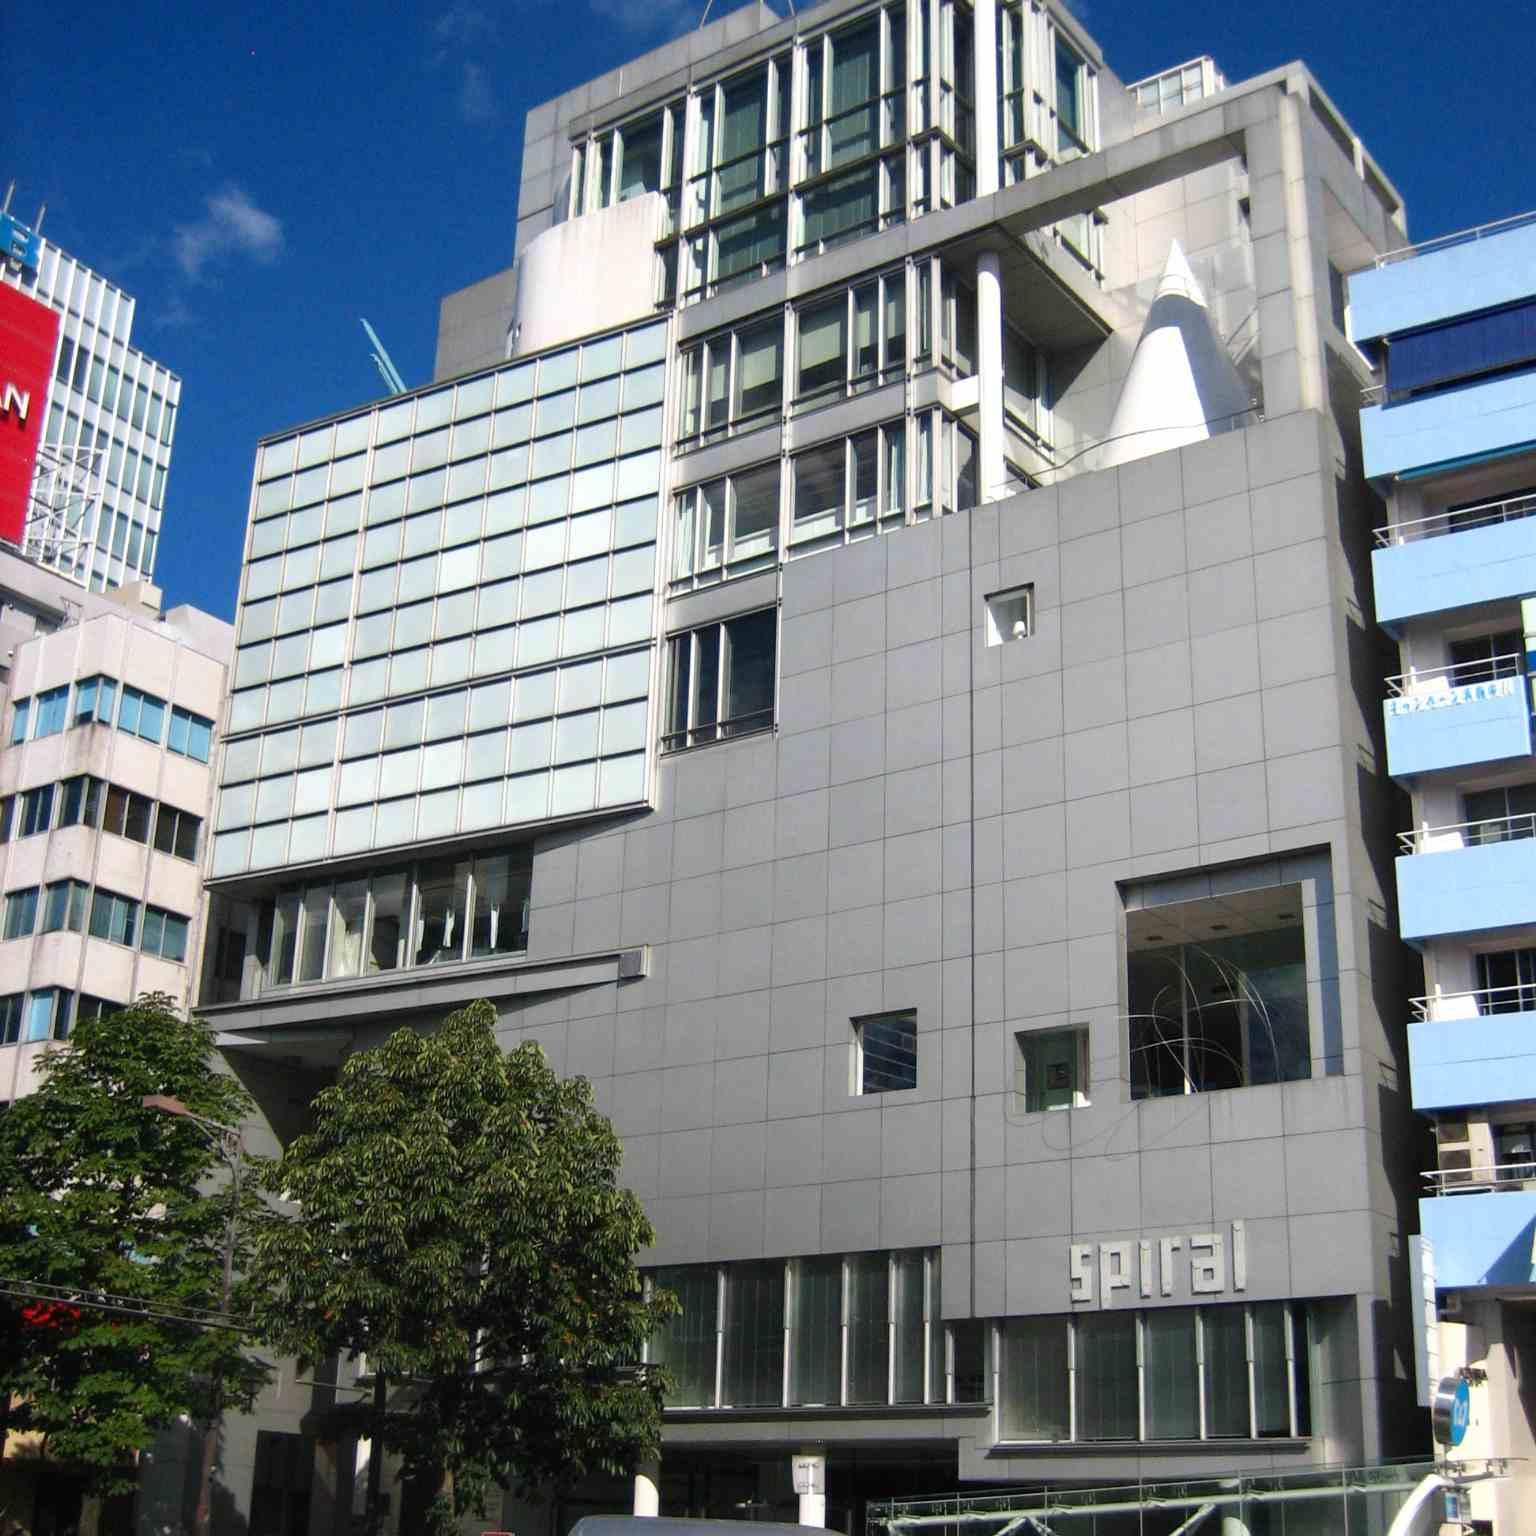 Edificio urbano, aluminio blanco y cristal